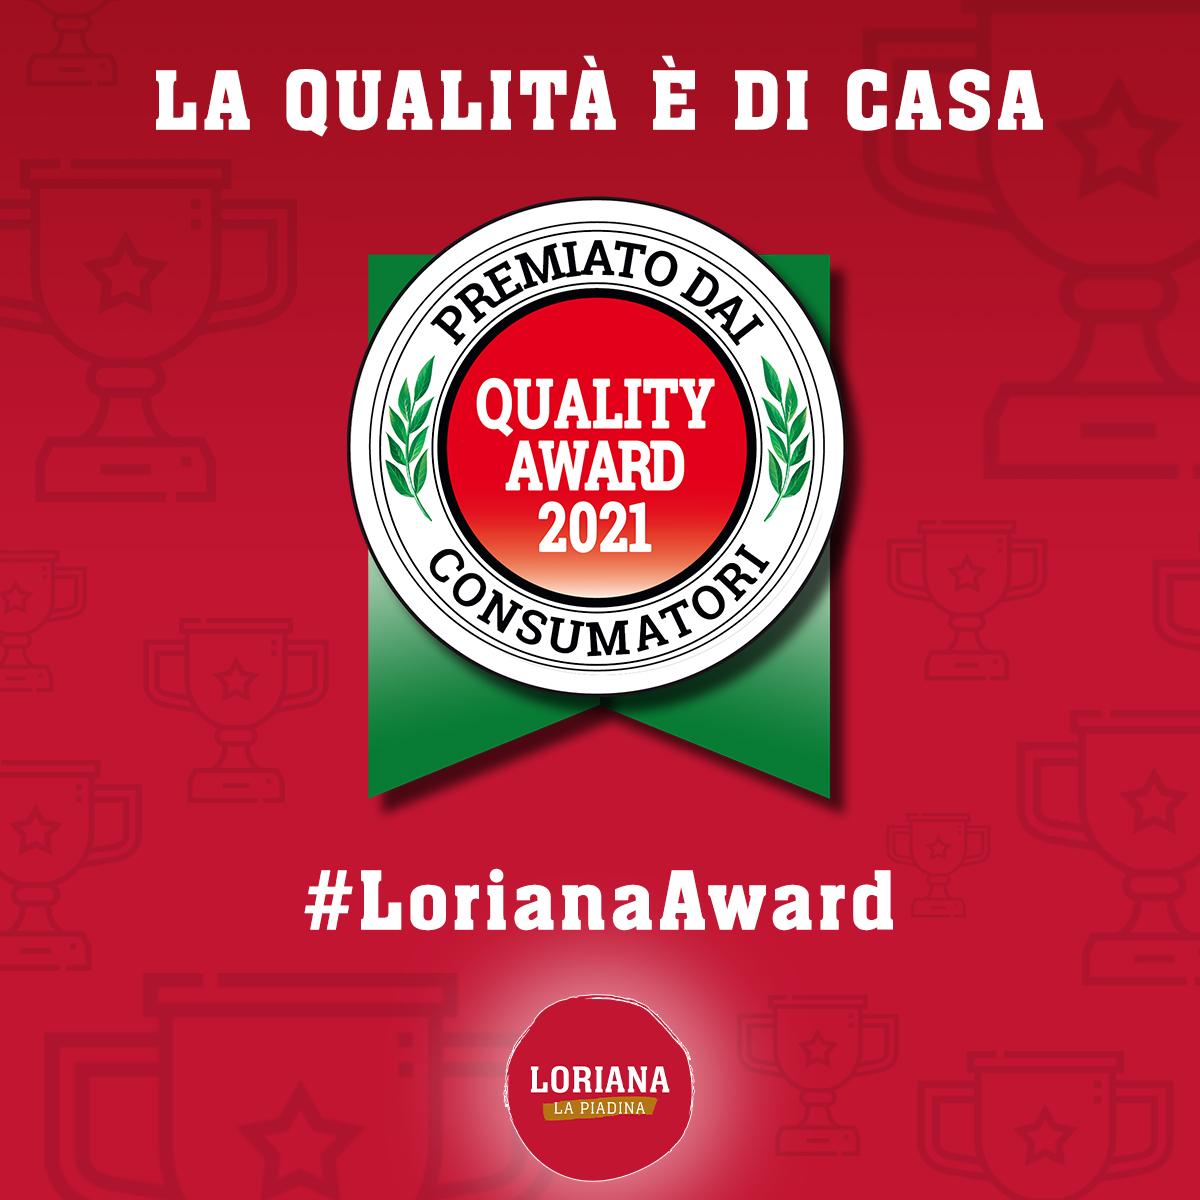 Le piadine Loriana si aggiudicano il premio Quality Award 2021!